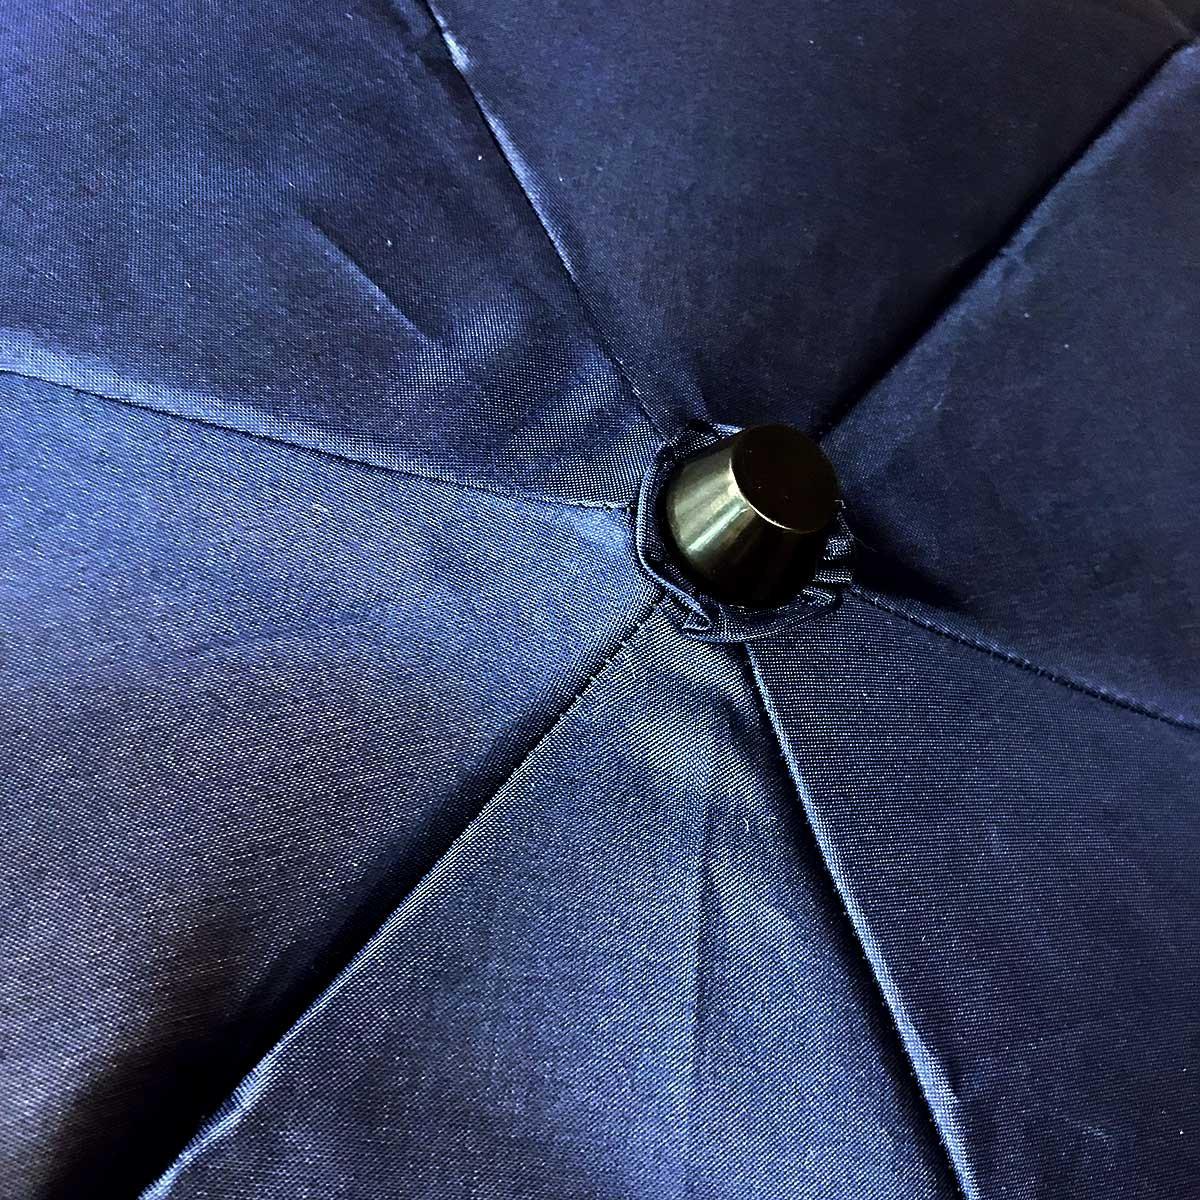 レディース 富士絹 折りたたみ傘 詳細画像18